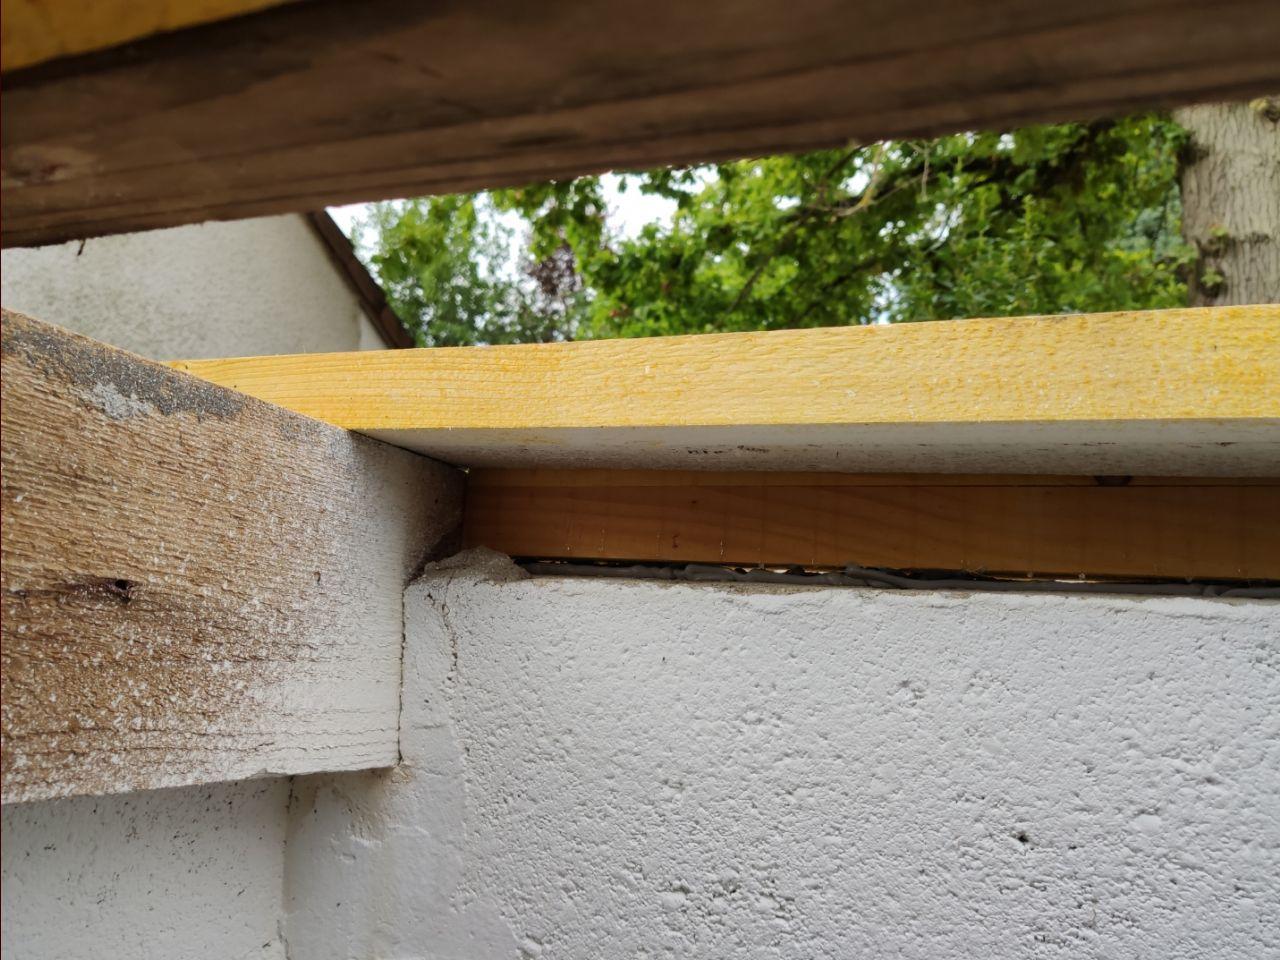 abris jardin, toiture jonction pannes mur à gauche